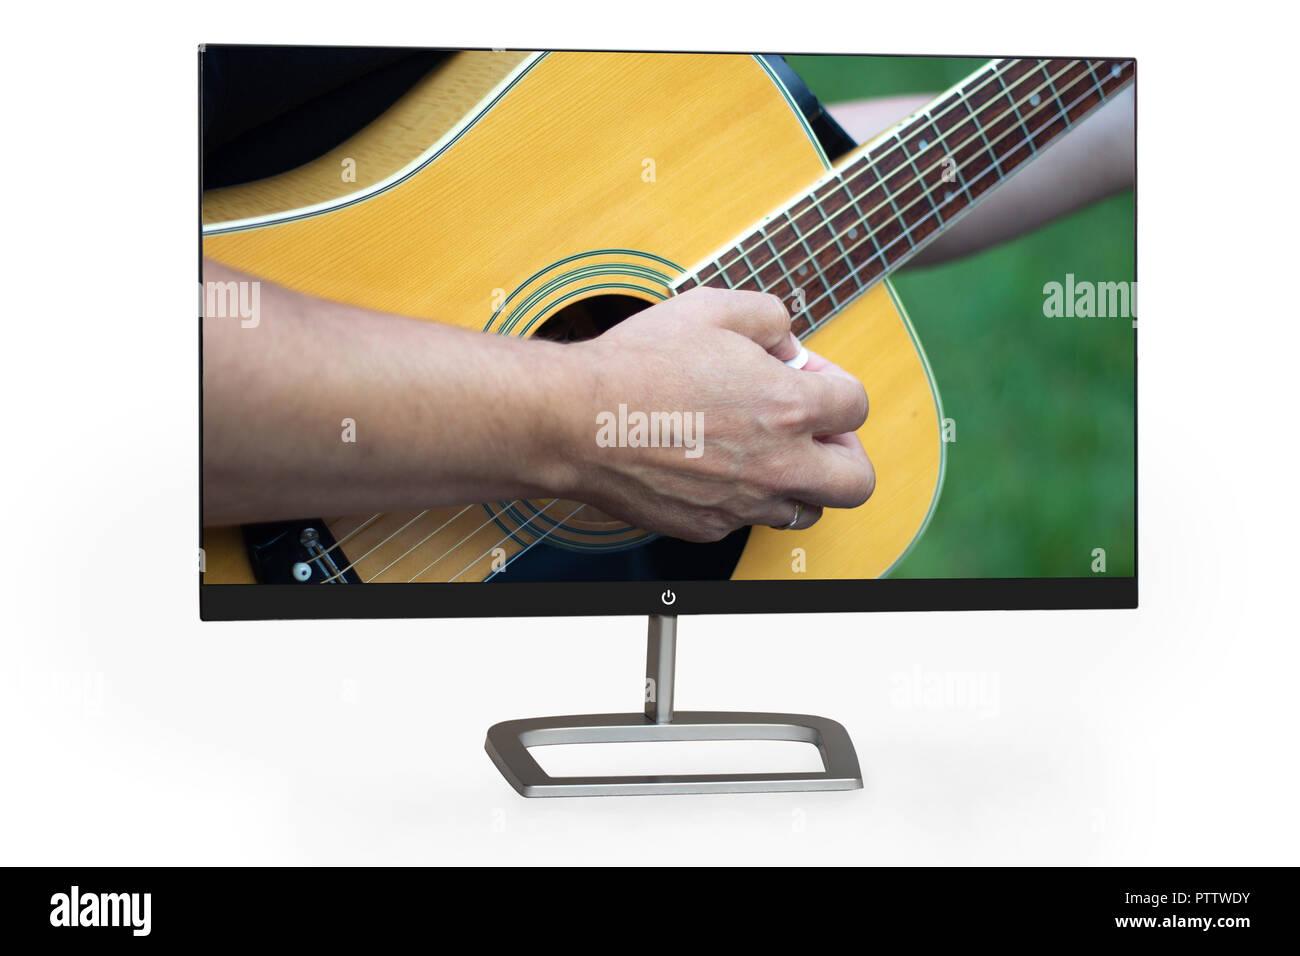 4k monitor isolated on white - Stock Image